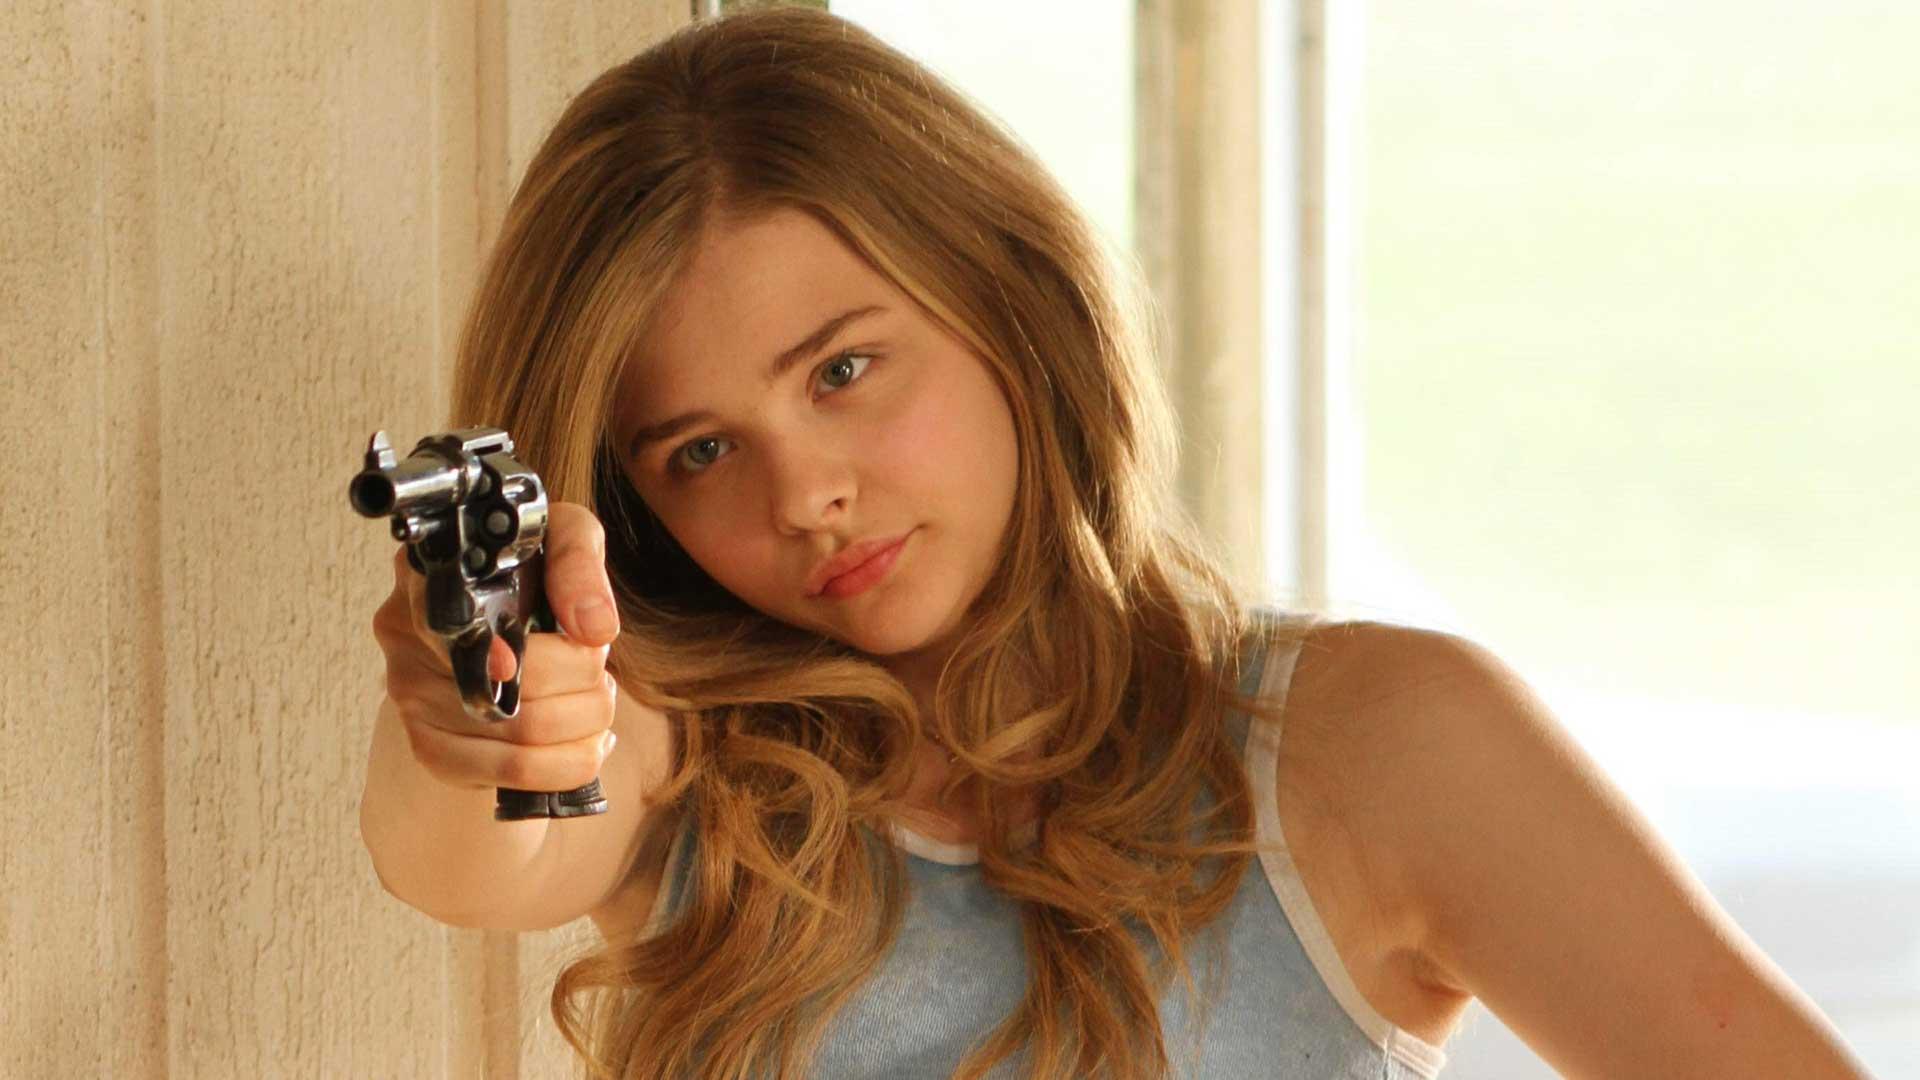 guns chloe moretz - photo #17